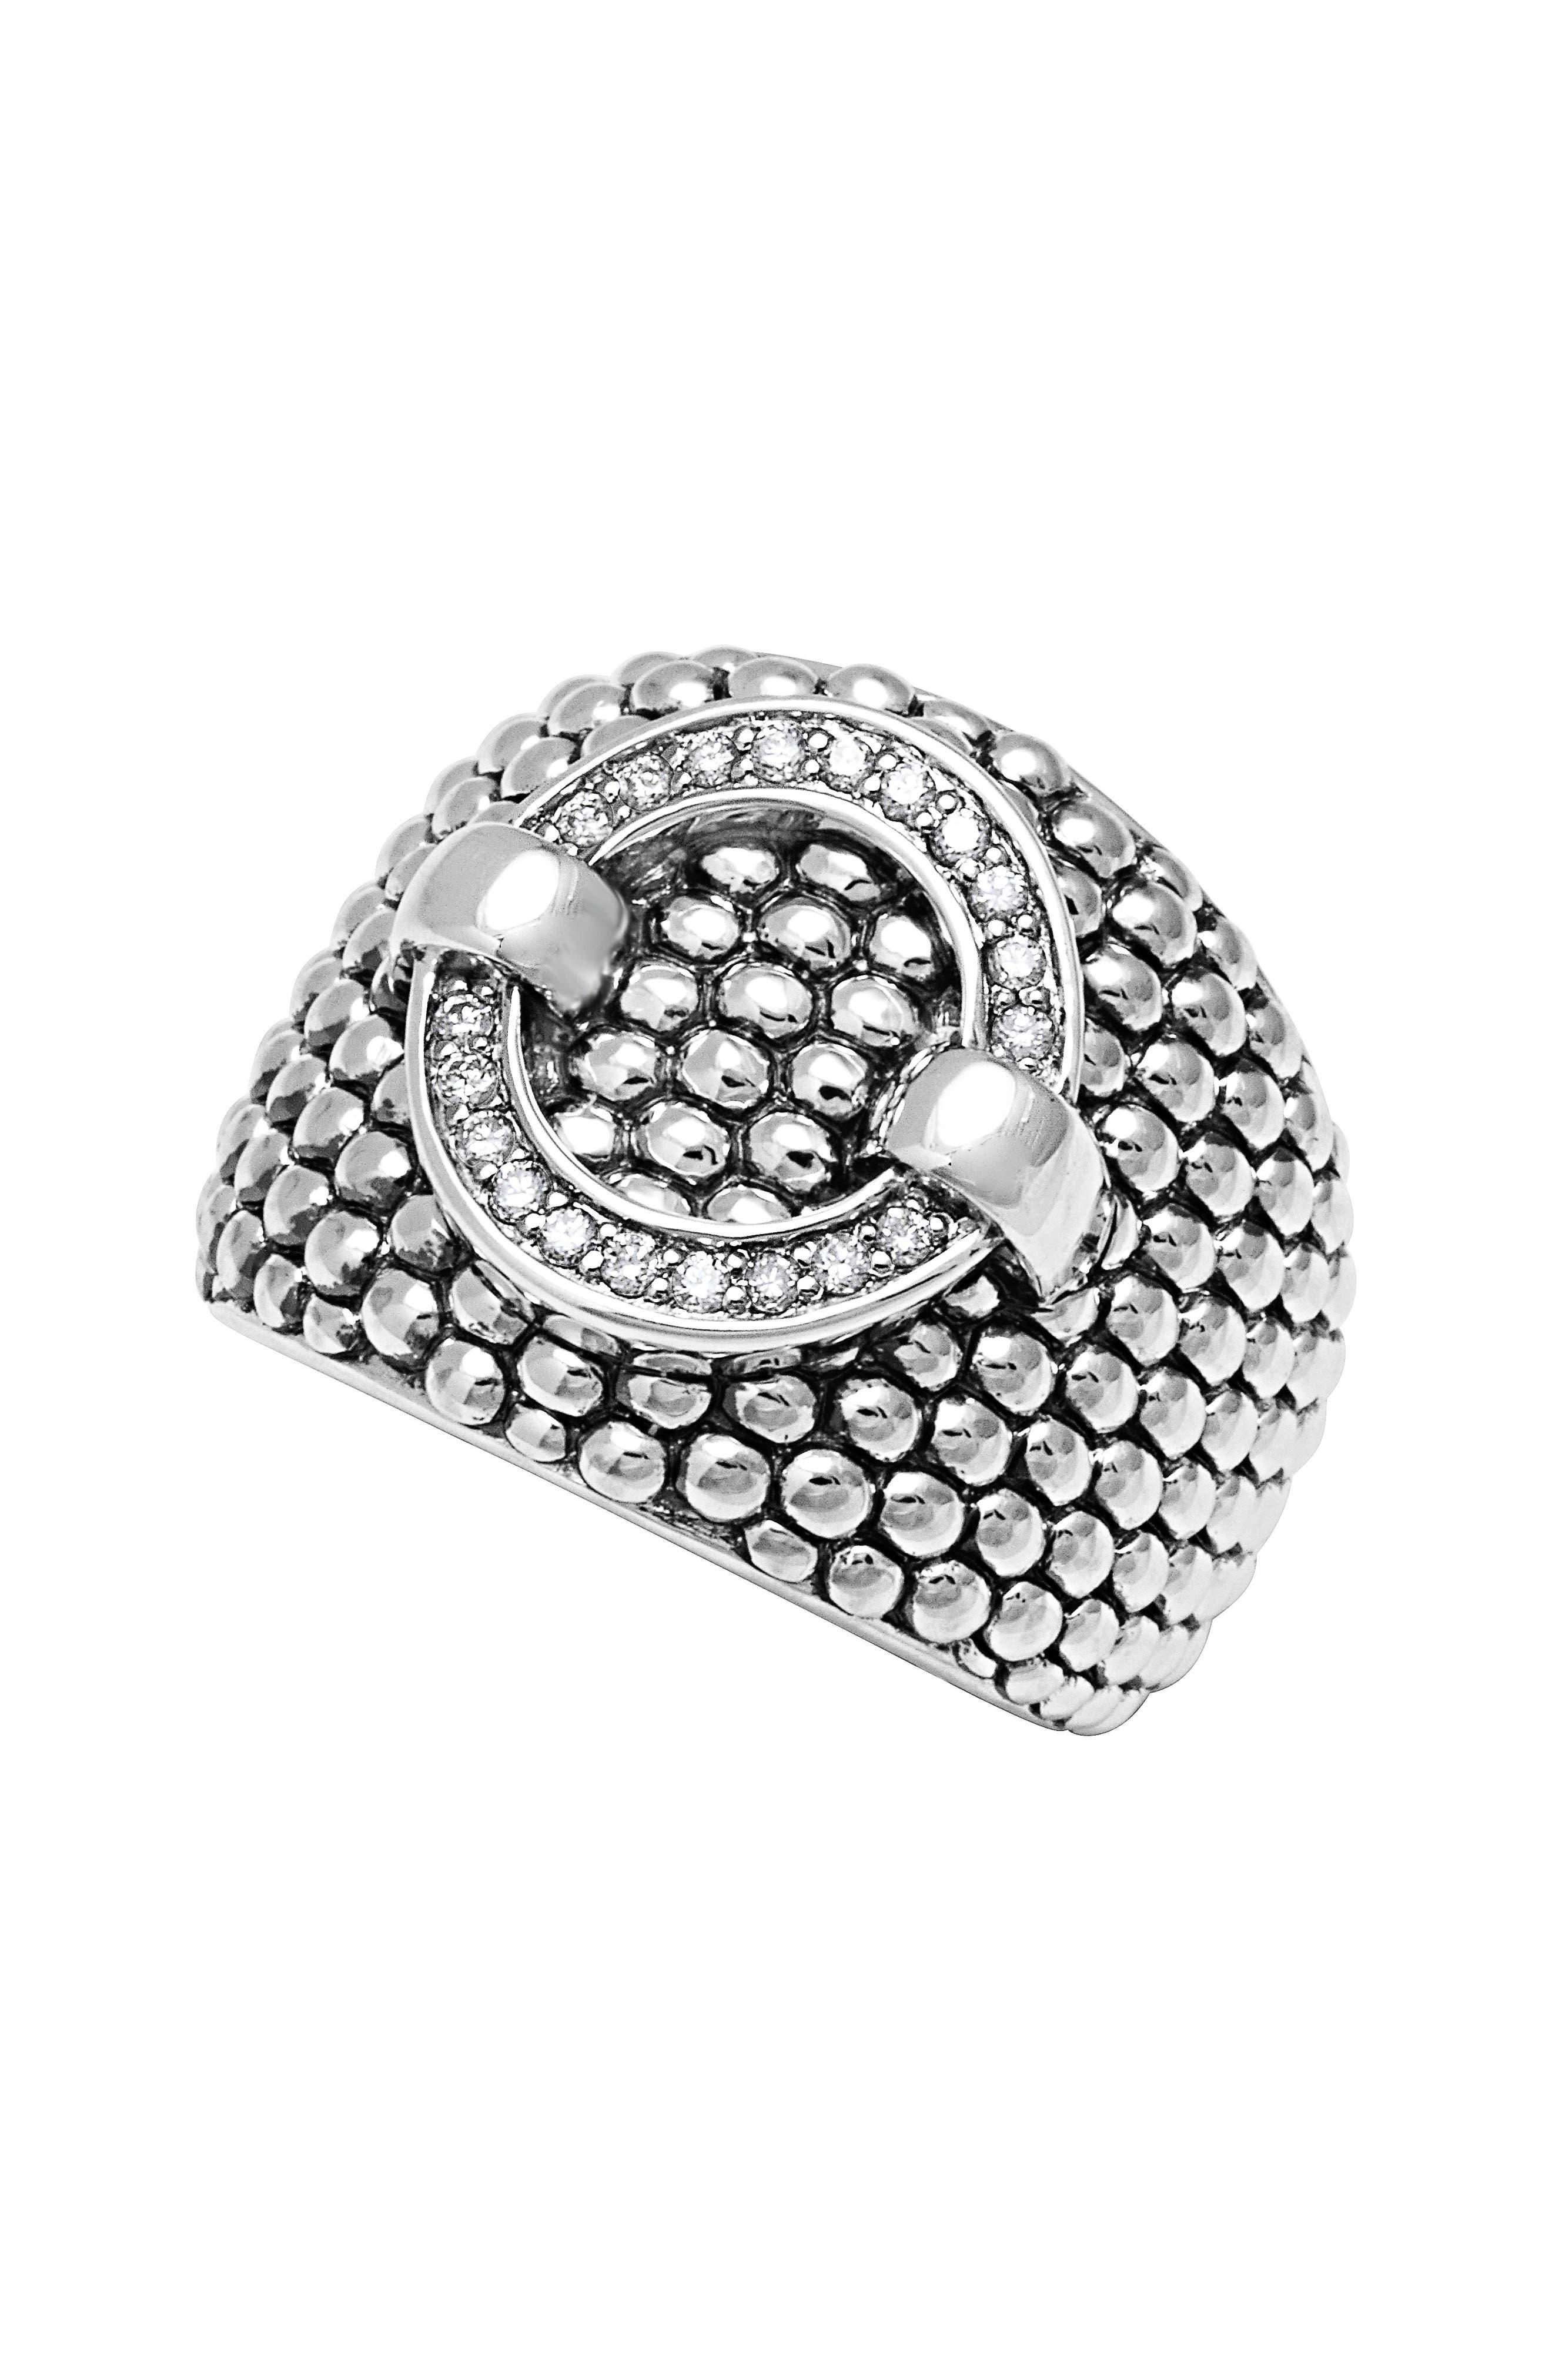 Main Image - LAGOS 'Enso' Diamond Statement Ring